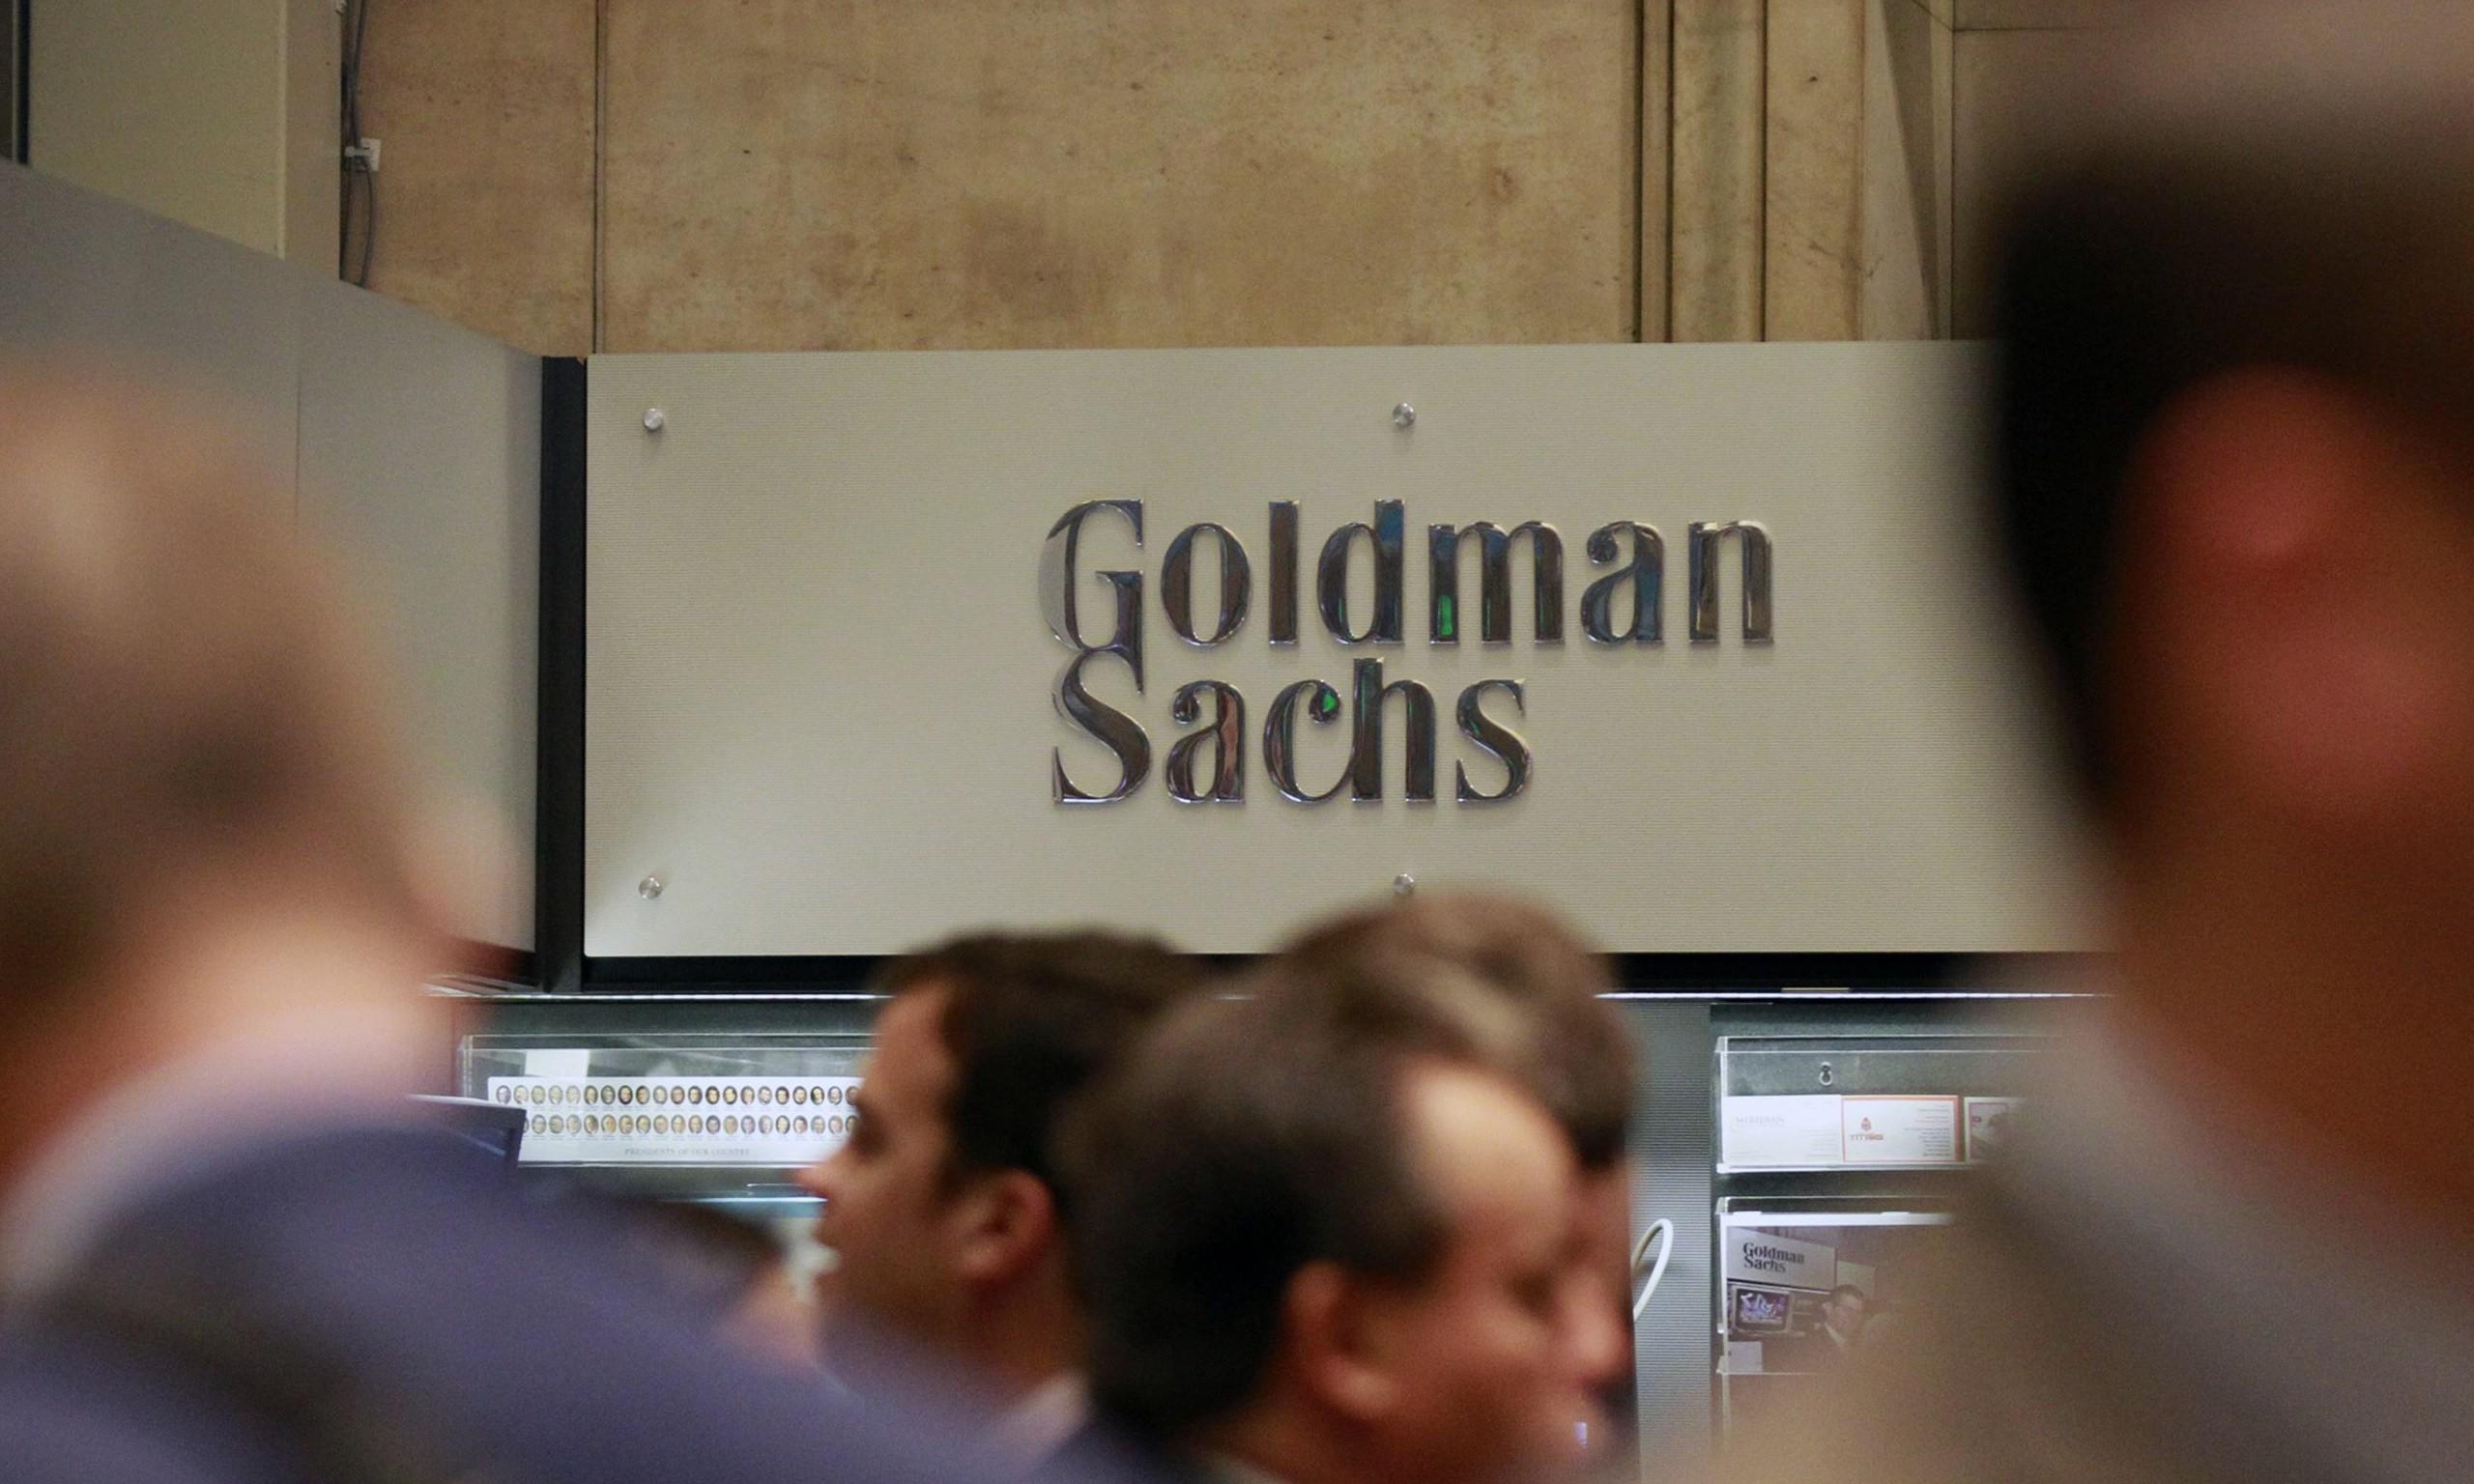 جولدمان ساكس تخفض توقعاتها لليورو دولار